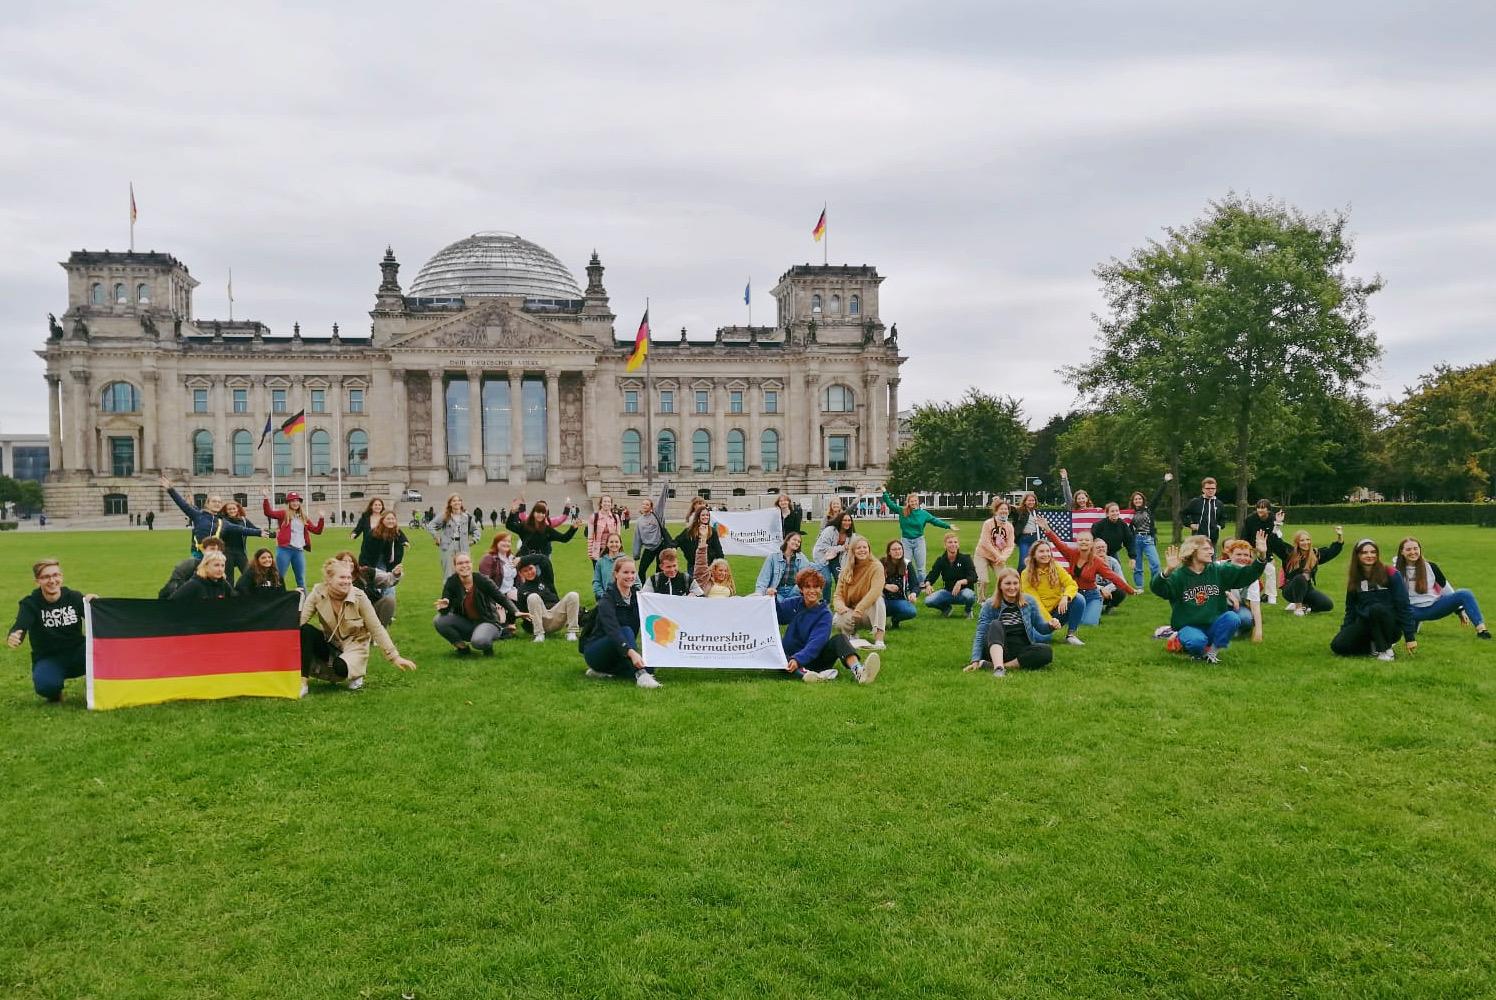 Von Berlin in die USA: Daniela Kluckert vergibt Vollstipendium an Gesine (15)